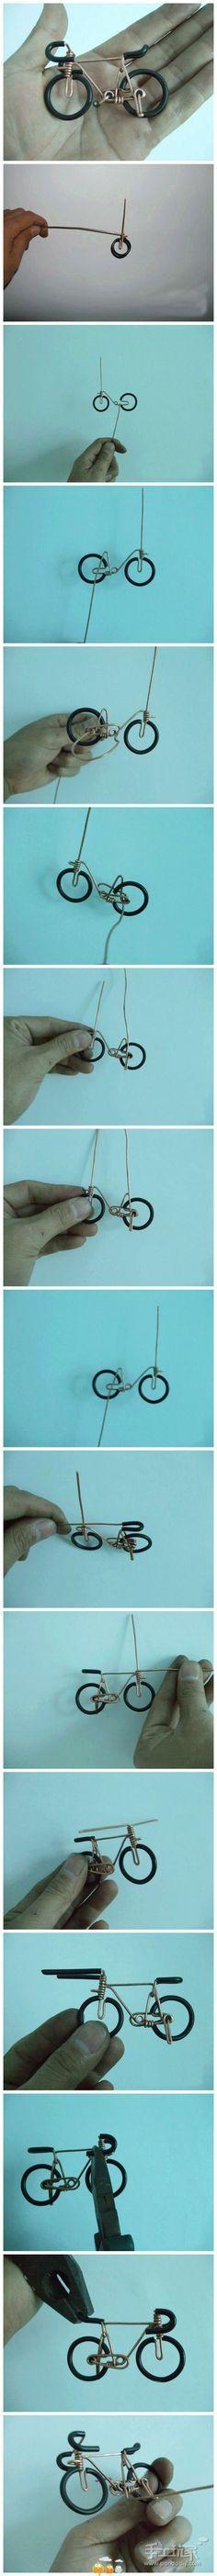 Die besten 25+ Fahrraddekor Ideen auf Pinterest Fahrradteile